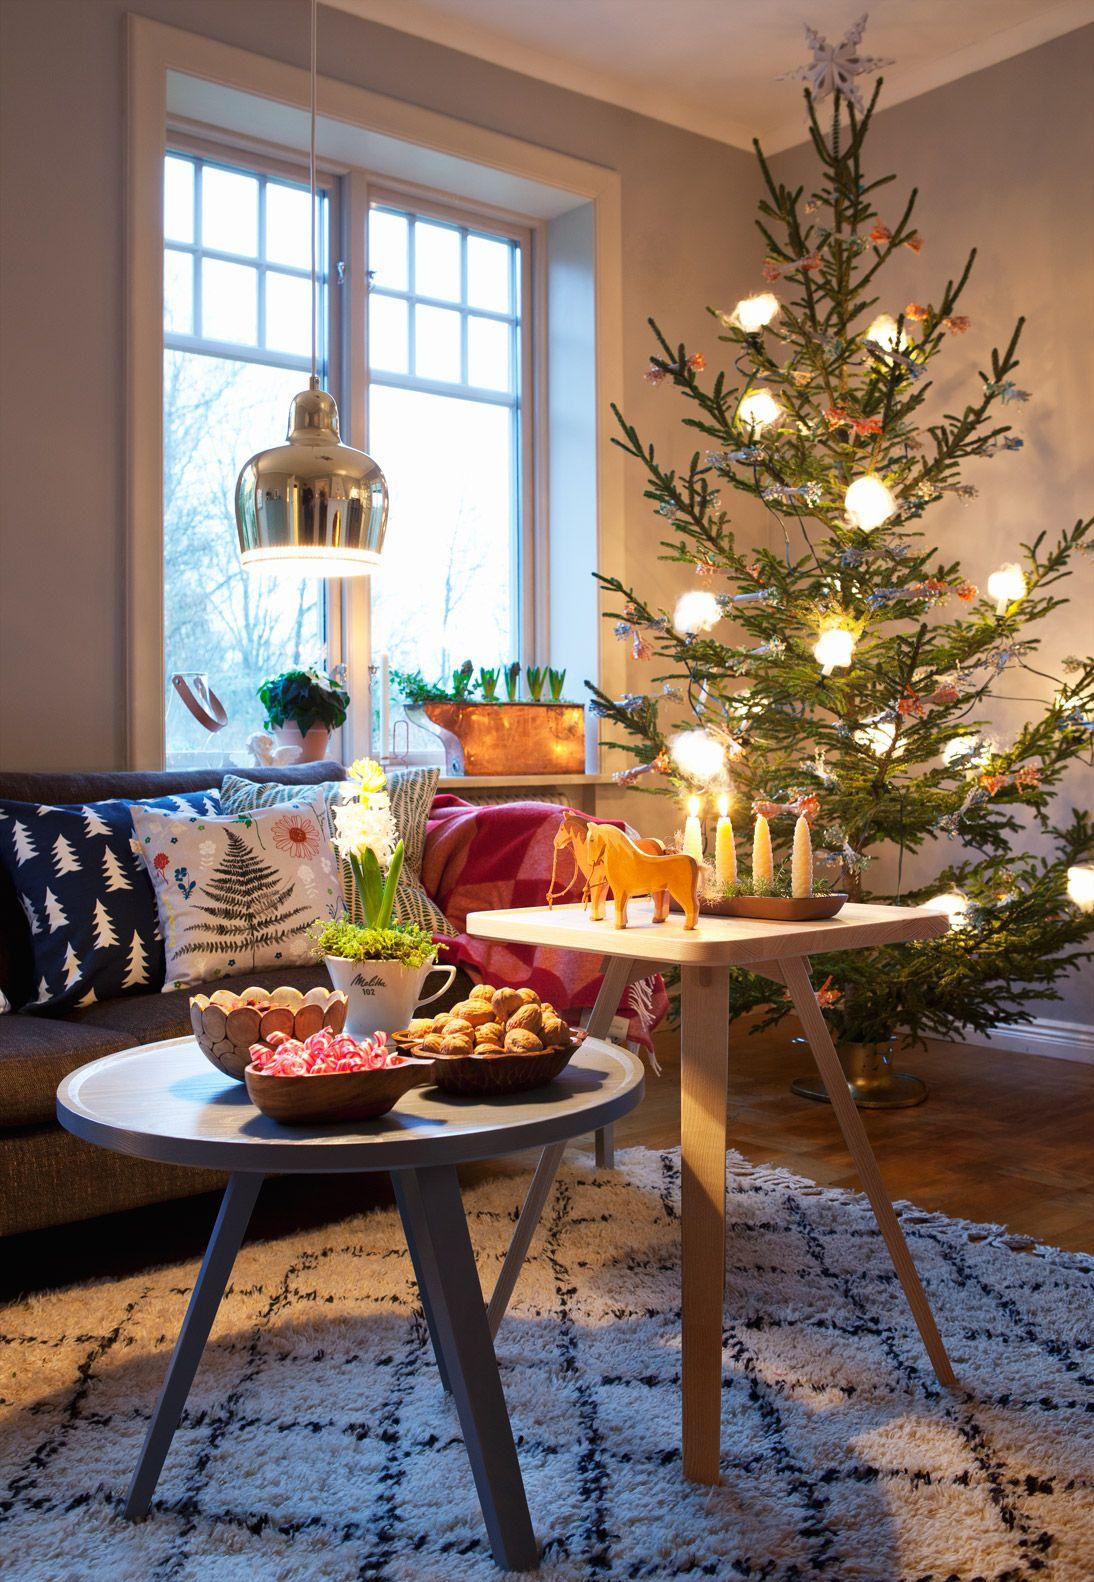 Pin von Ahsen Koç auf decoration | Pinterest | Weihnachten